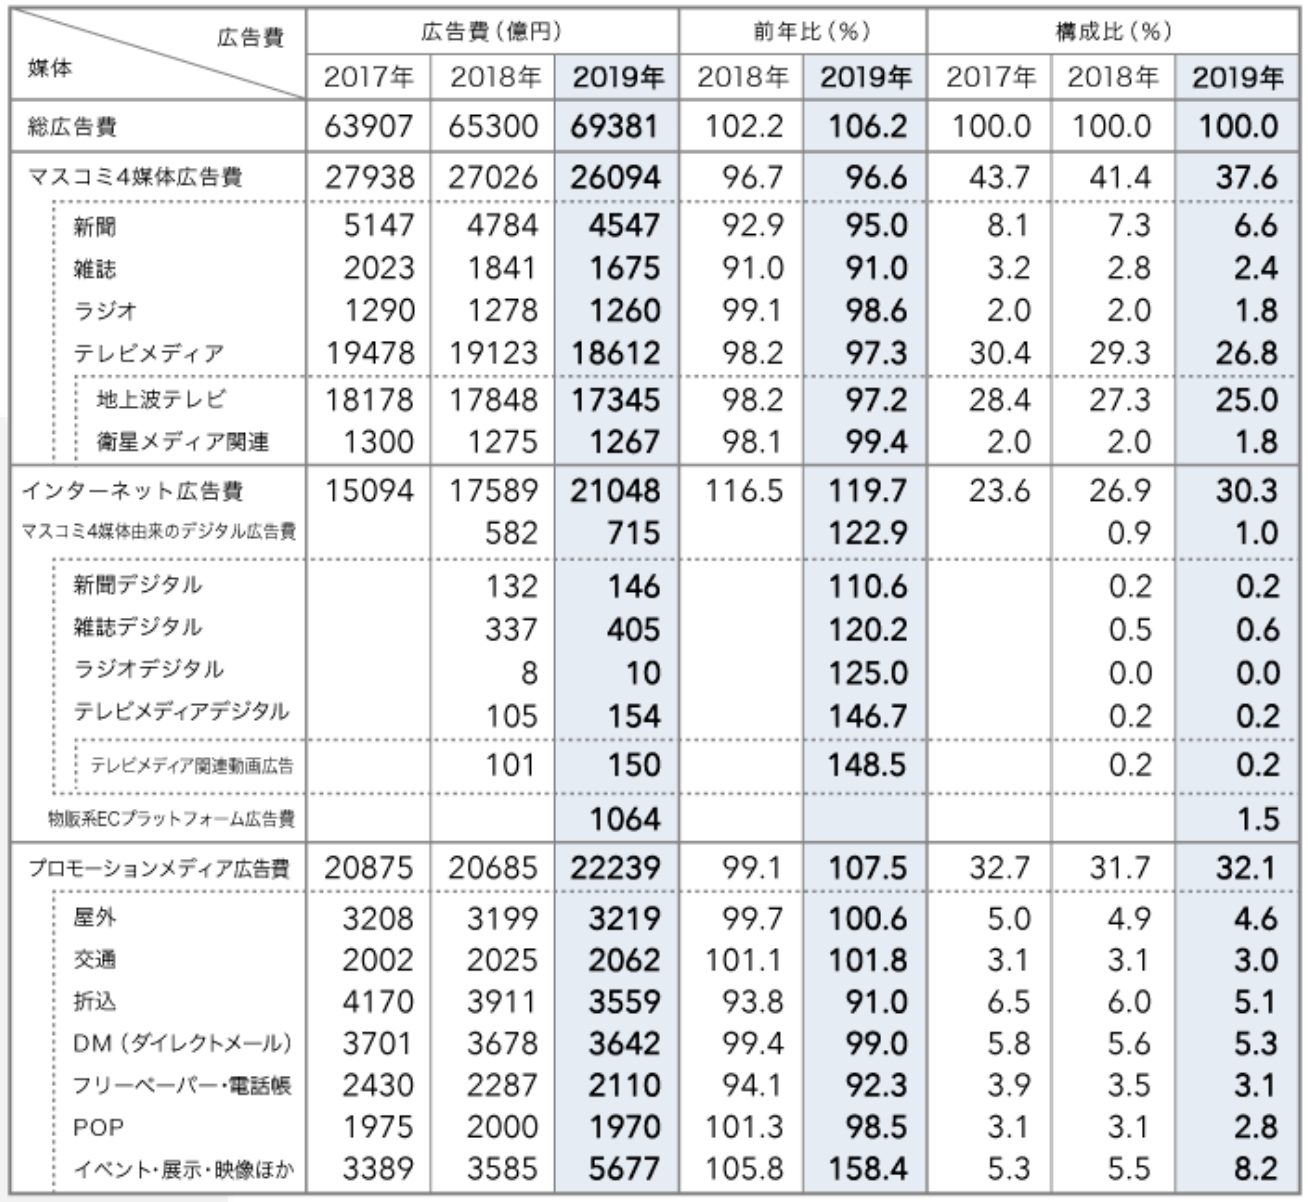 2019 日本の広告費